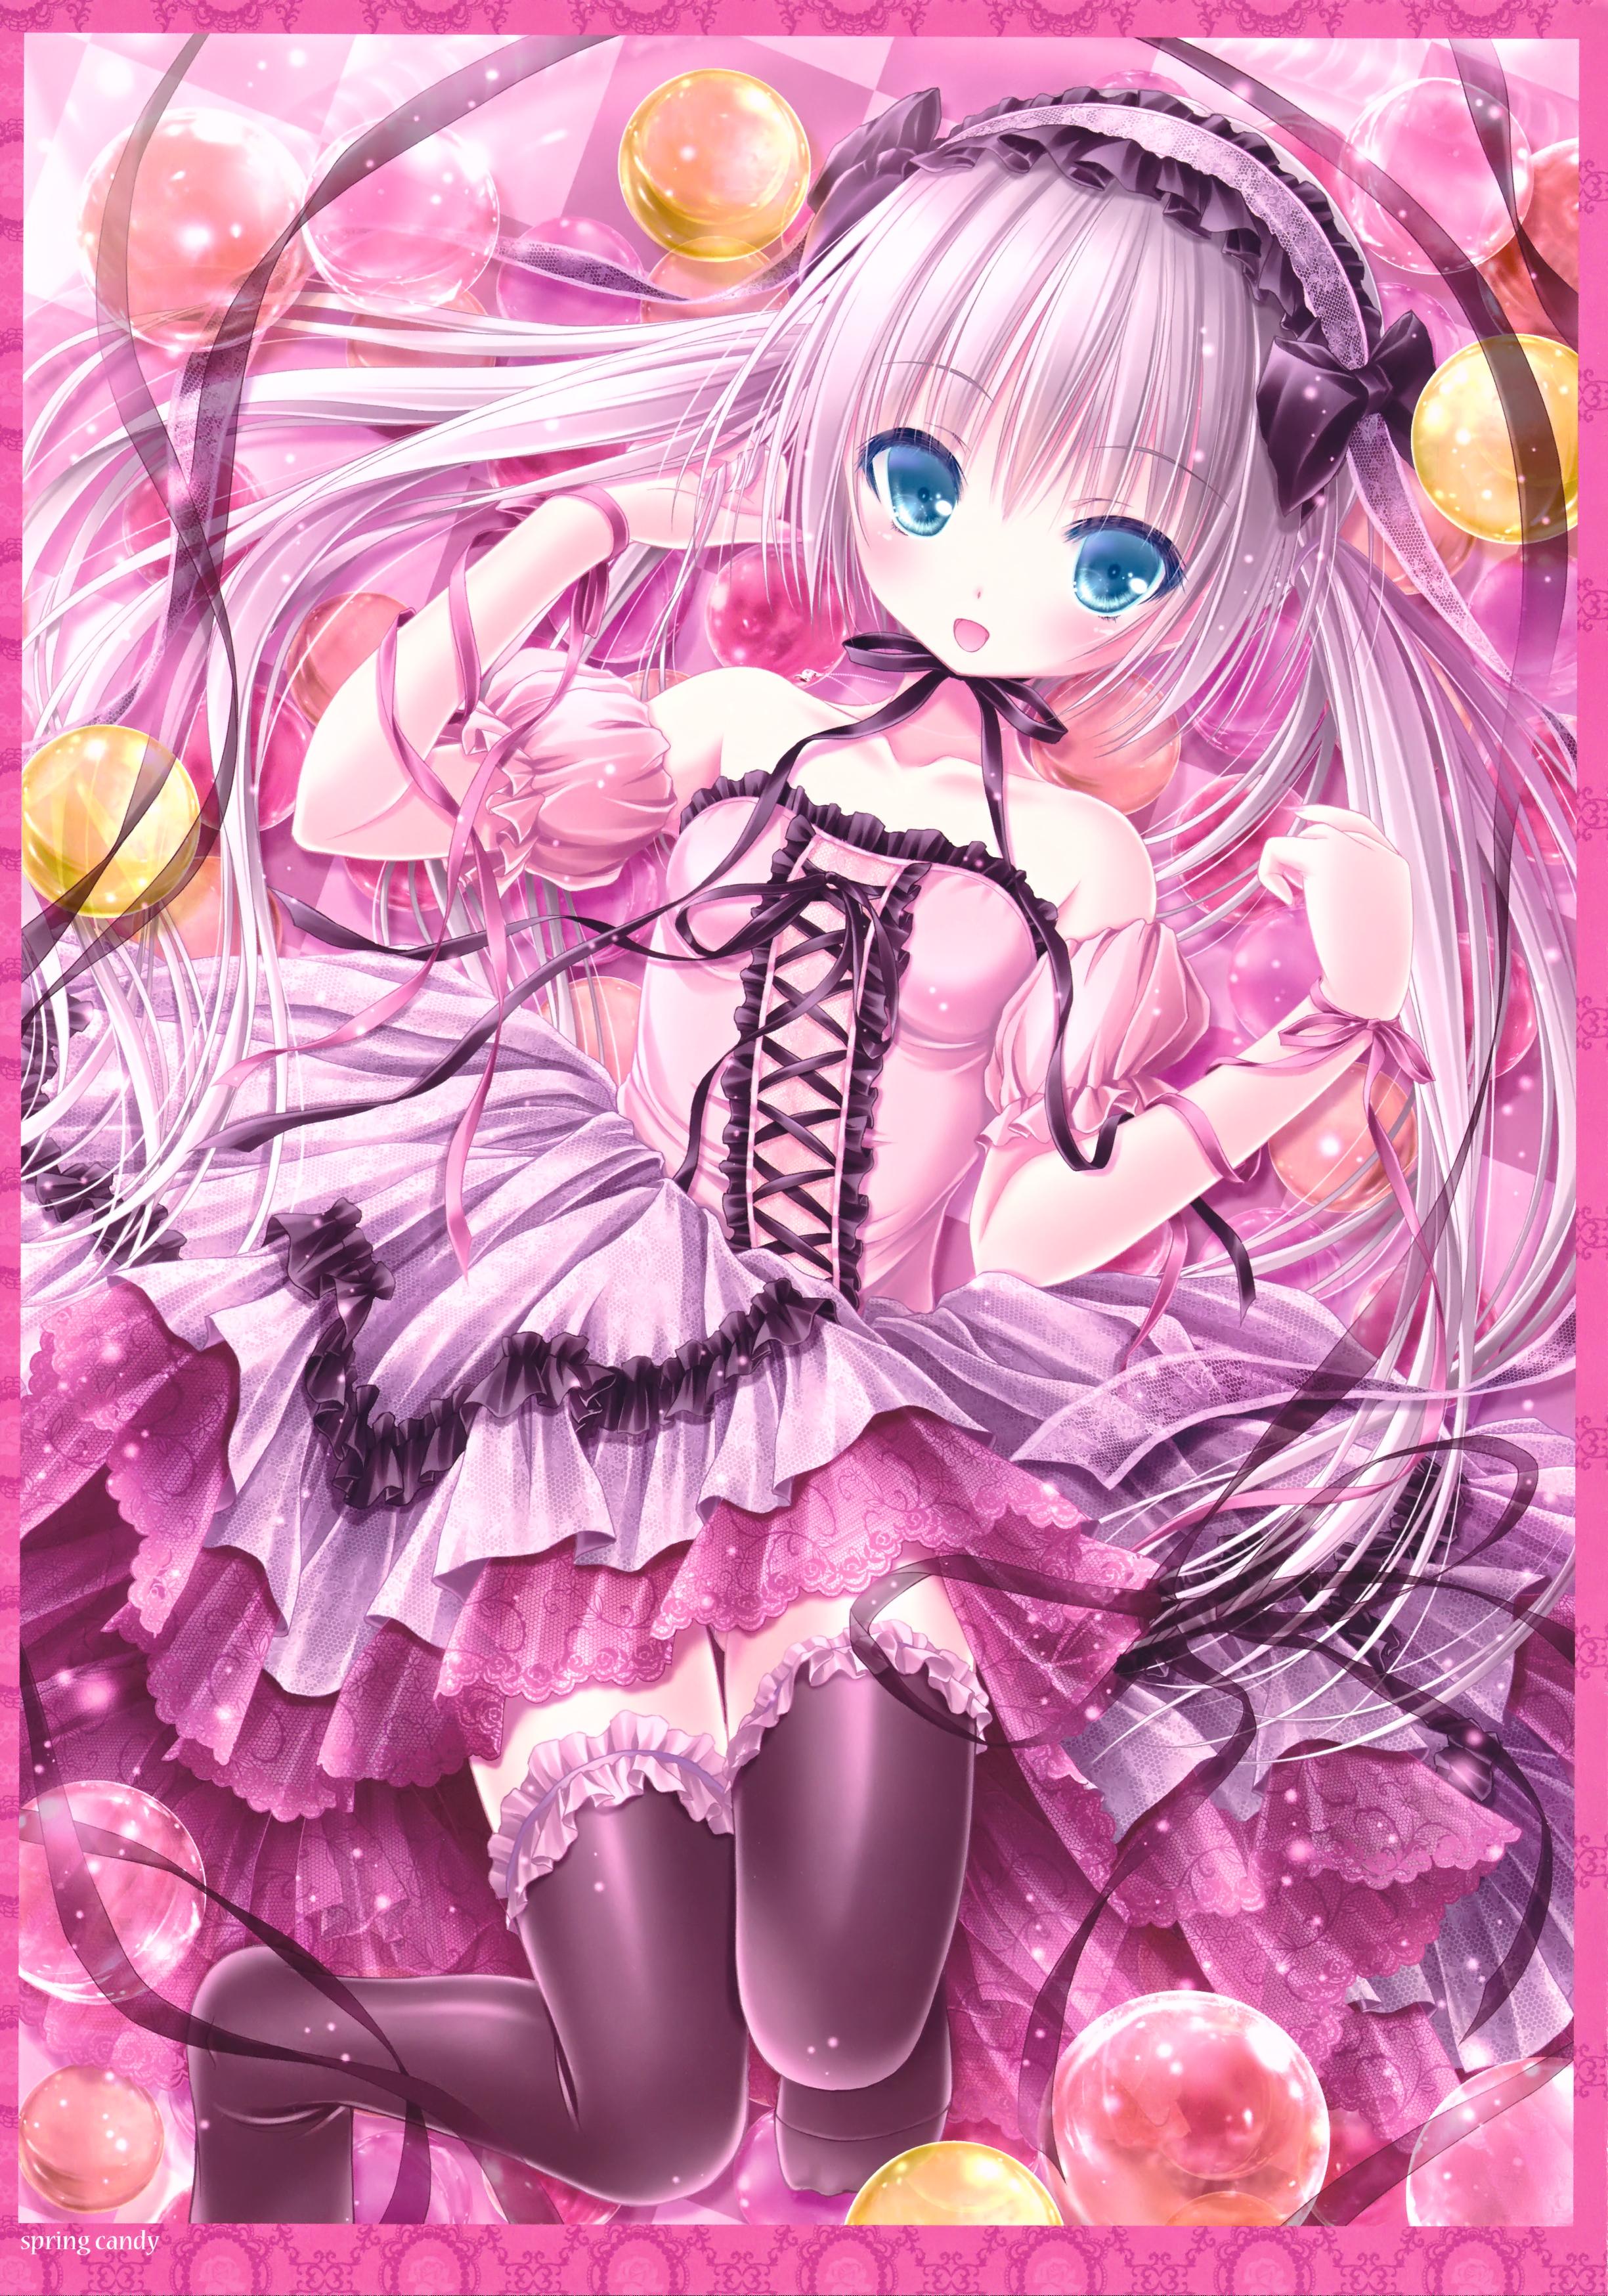 tinkerbell mobile wallpaper 1670920  zerochan anime